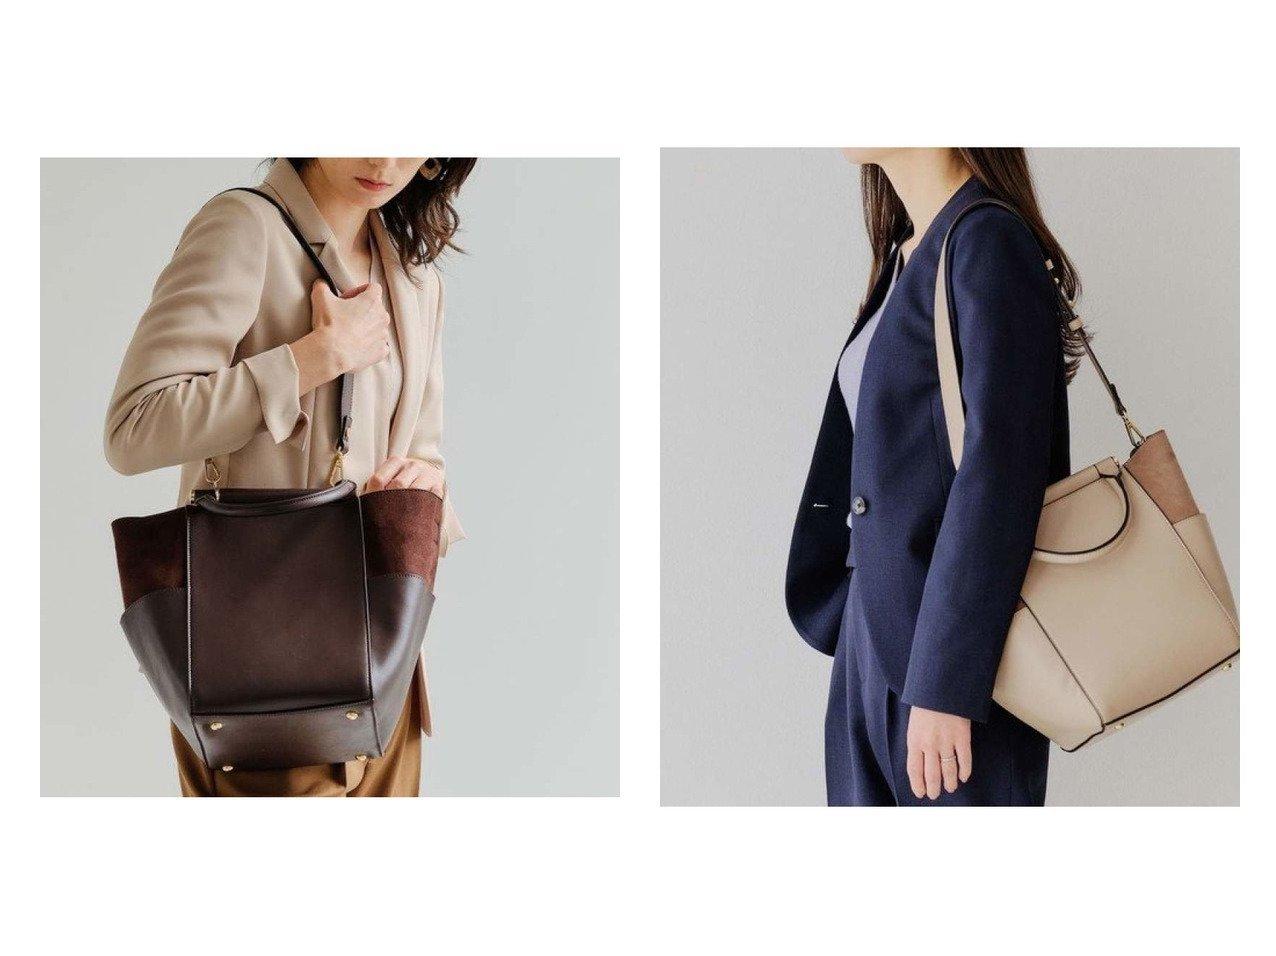 【green label relaxing / UNITED ARROWS/グリーンレーベル リラクシング / ユナイテッドアローズ】のCS イソザイコンビ 2WAY NEW ショルダーバッグ バッグ・鞄のおすすめ!人気、トレンド・レディースファッションの通販 おすすめで人気の流行・トレンド、ファッションの通販商品 メンズファッション・キッズファッション・インテリア・家具・レディースファッション・服の通販 founy(ファニー) https://founy.com/ ファッション Fashion レディースファッション WOMEN バッグ Bag コンビ ショルダー スエード ポケット ポーチ |ID:crp329100000015345